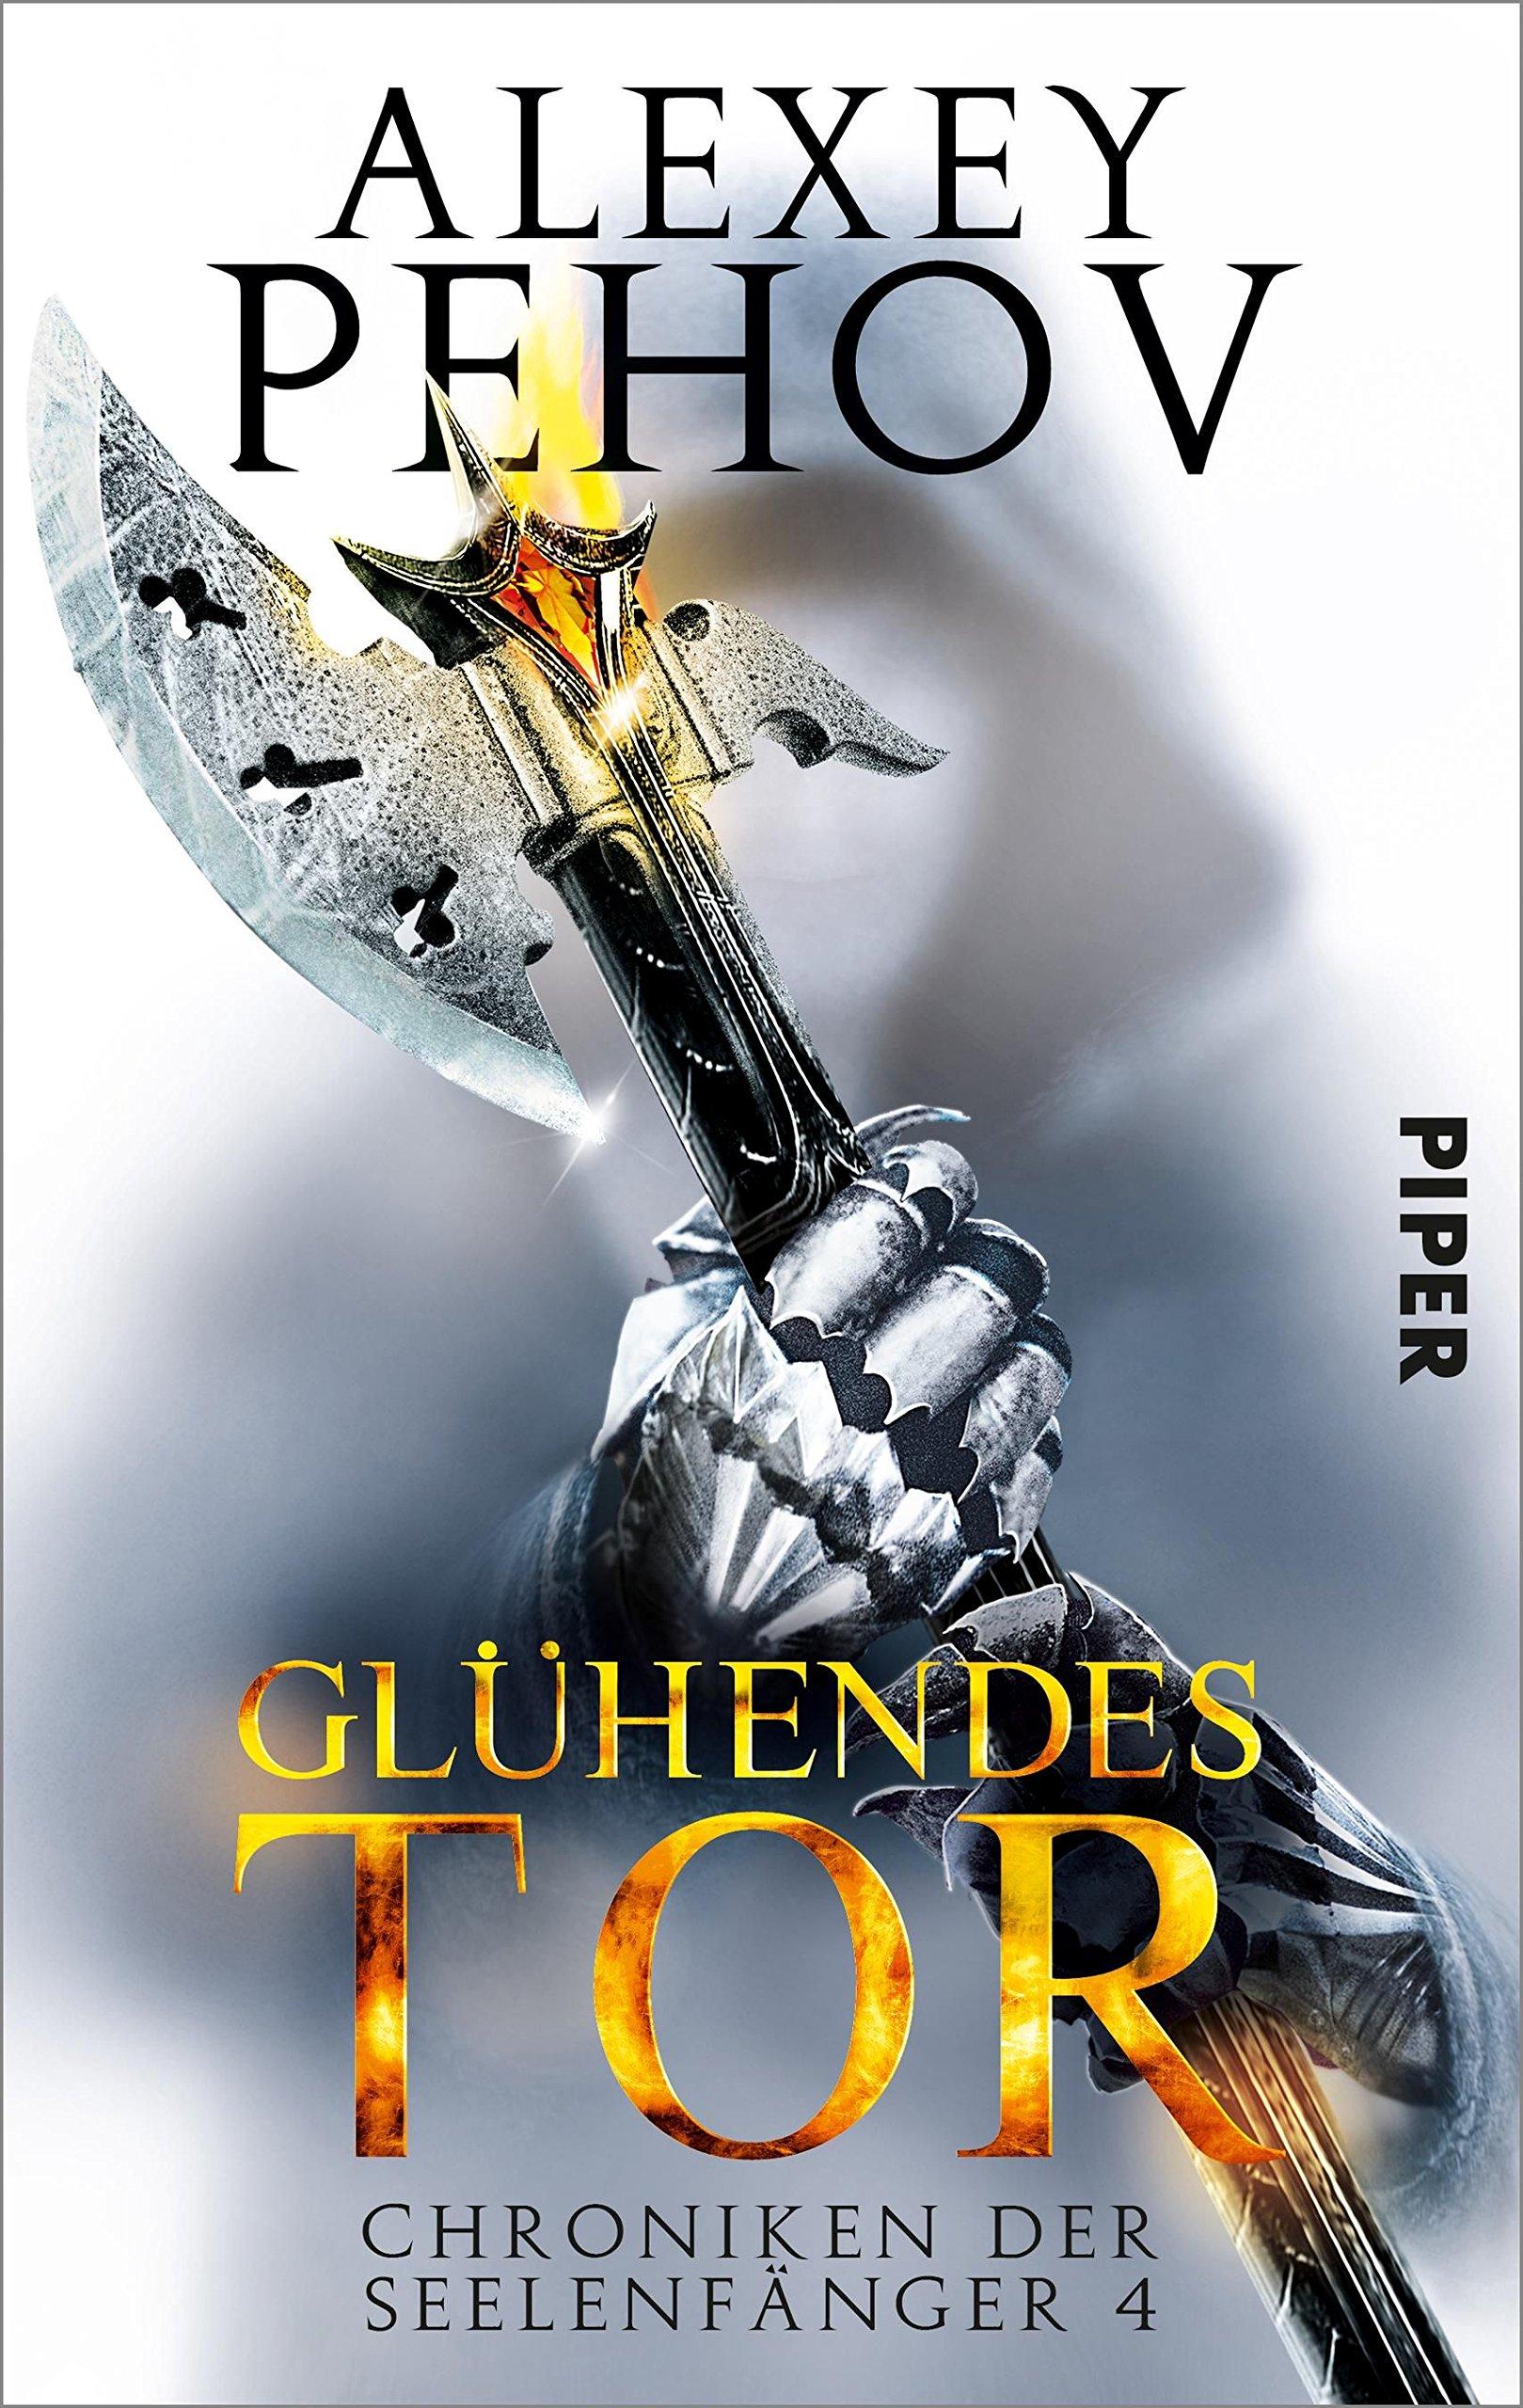 glhendes-tor-chroniken-der-seelenfnger-4